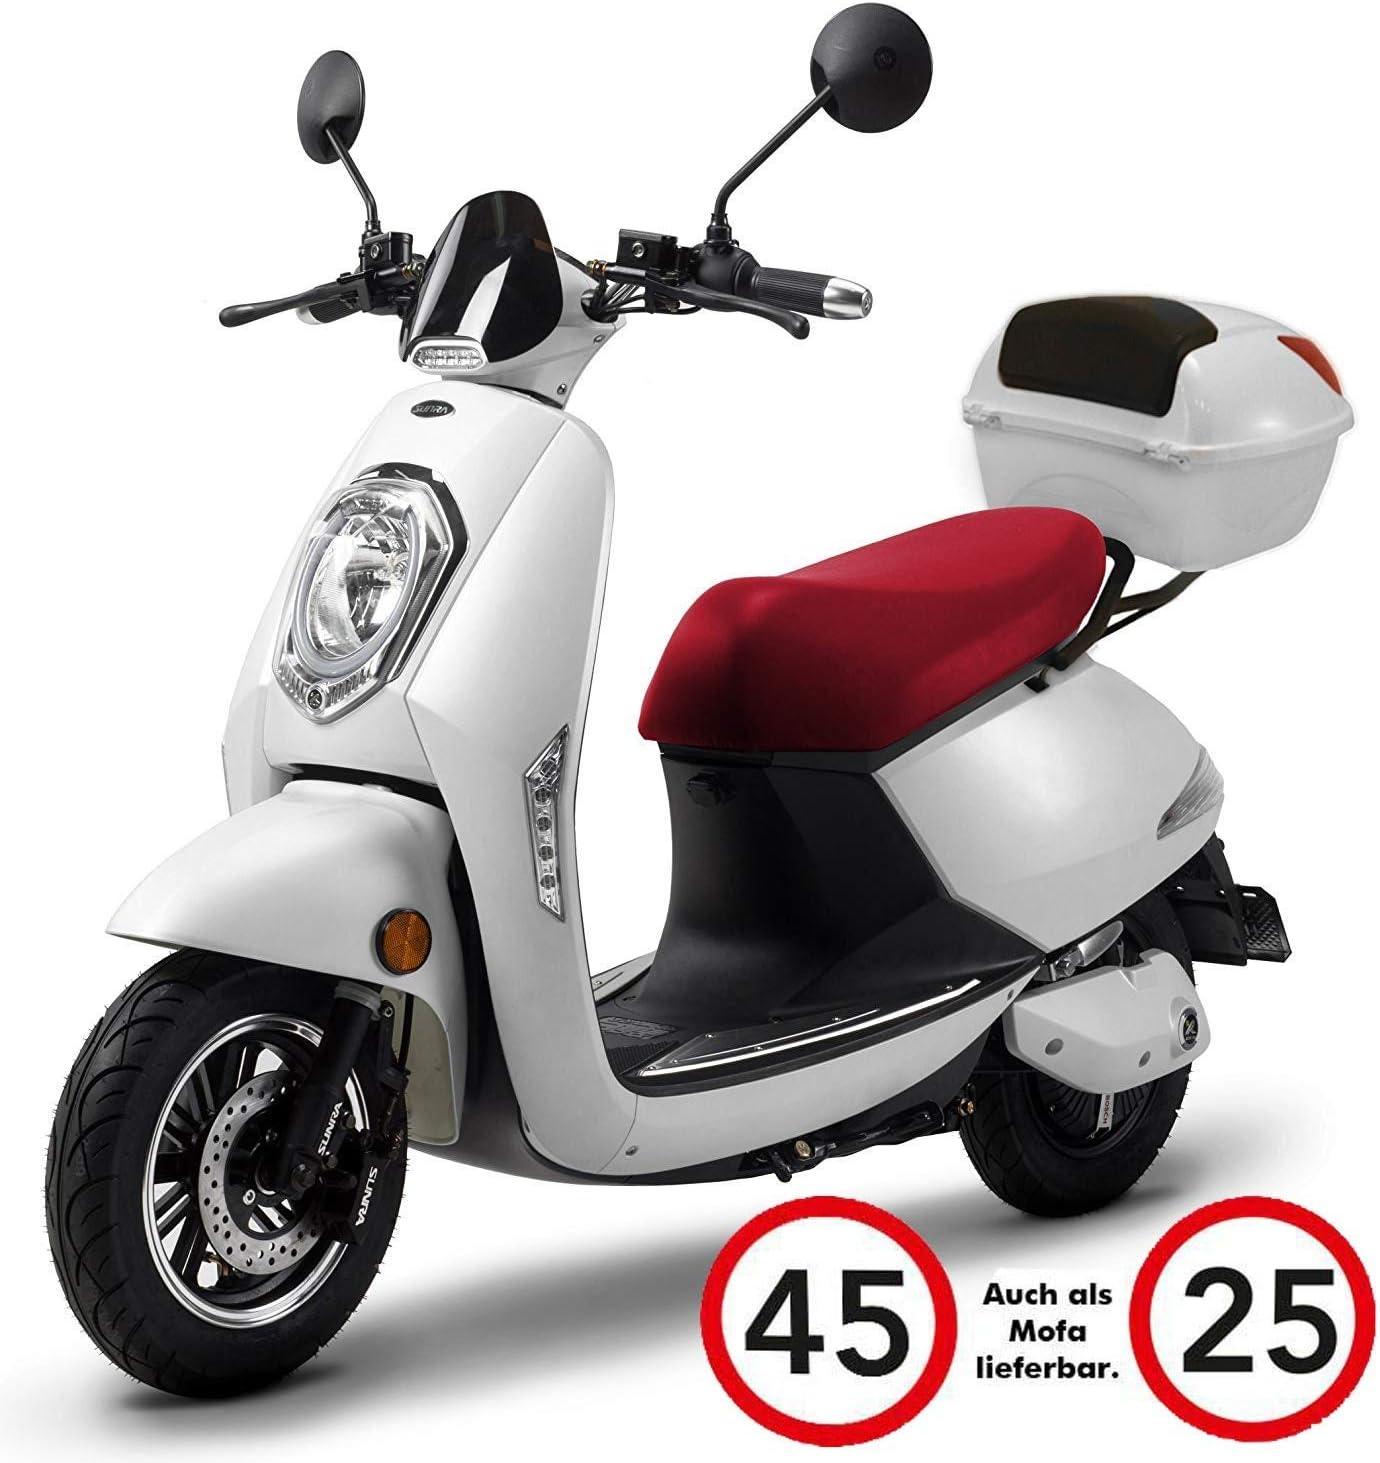 Elektroroller Elettrico 1200 Watt E Motor Bis Zu 60 Km Reichweite E Roller Straßenzulassung E Scooter Elektro Roller 45 Km H Lithium Akku Produktvideo Weiß Auto